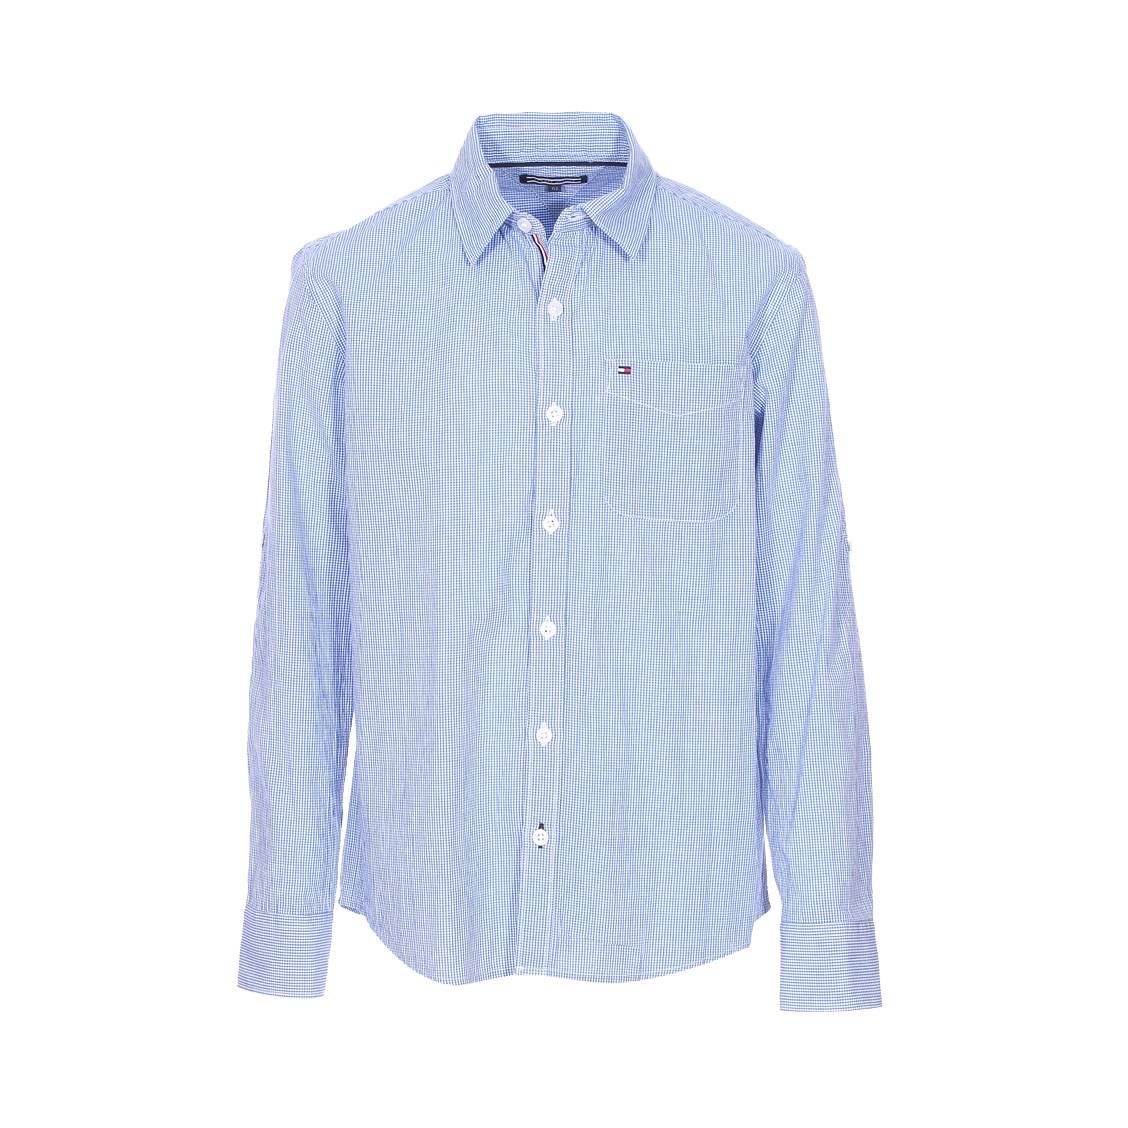 Est-ce que vous vous sentez bien dans votre chemise Tommy Hilfiger?